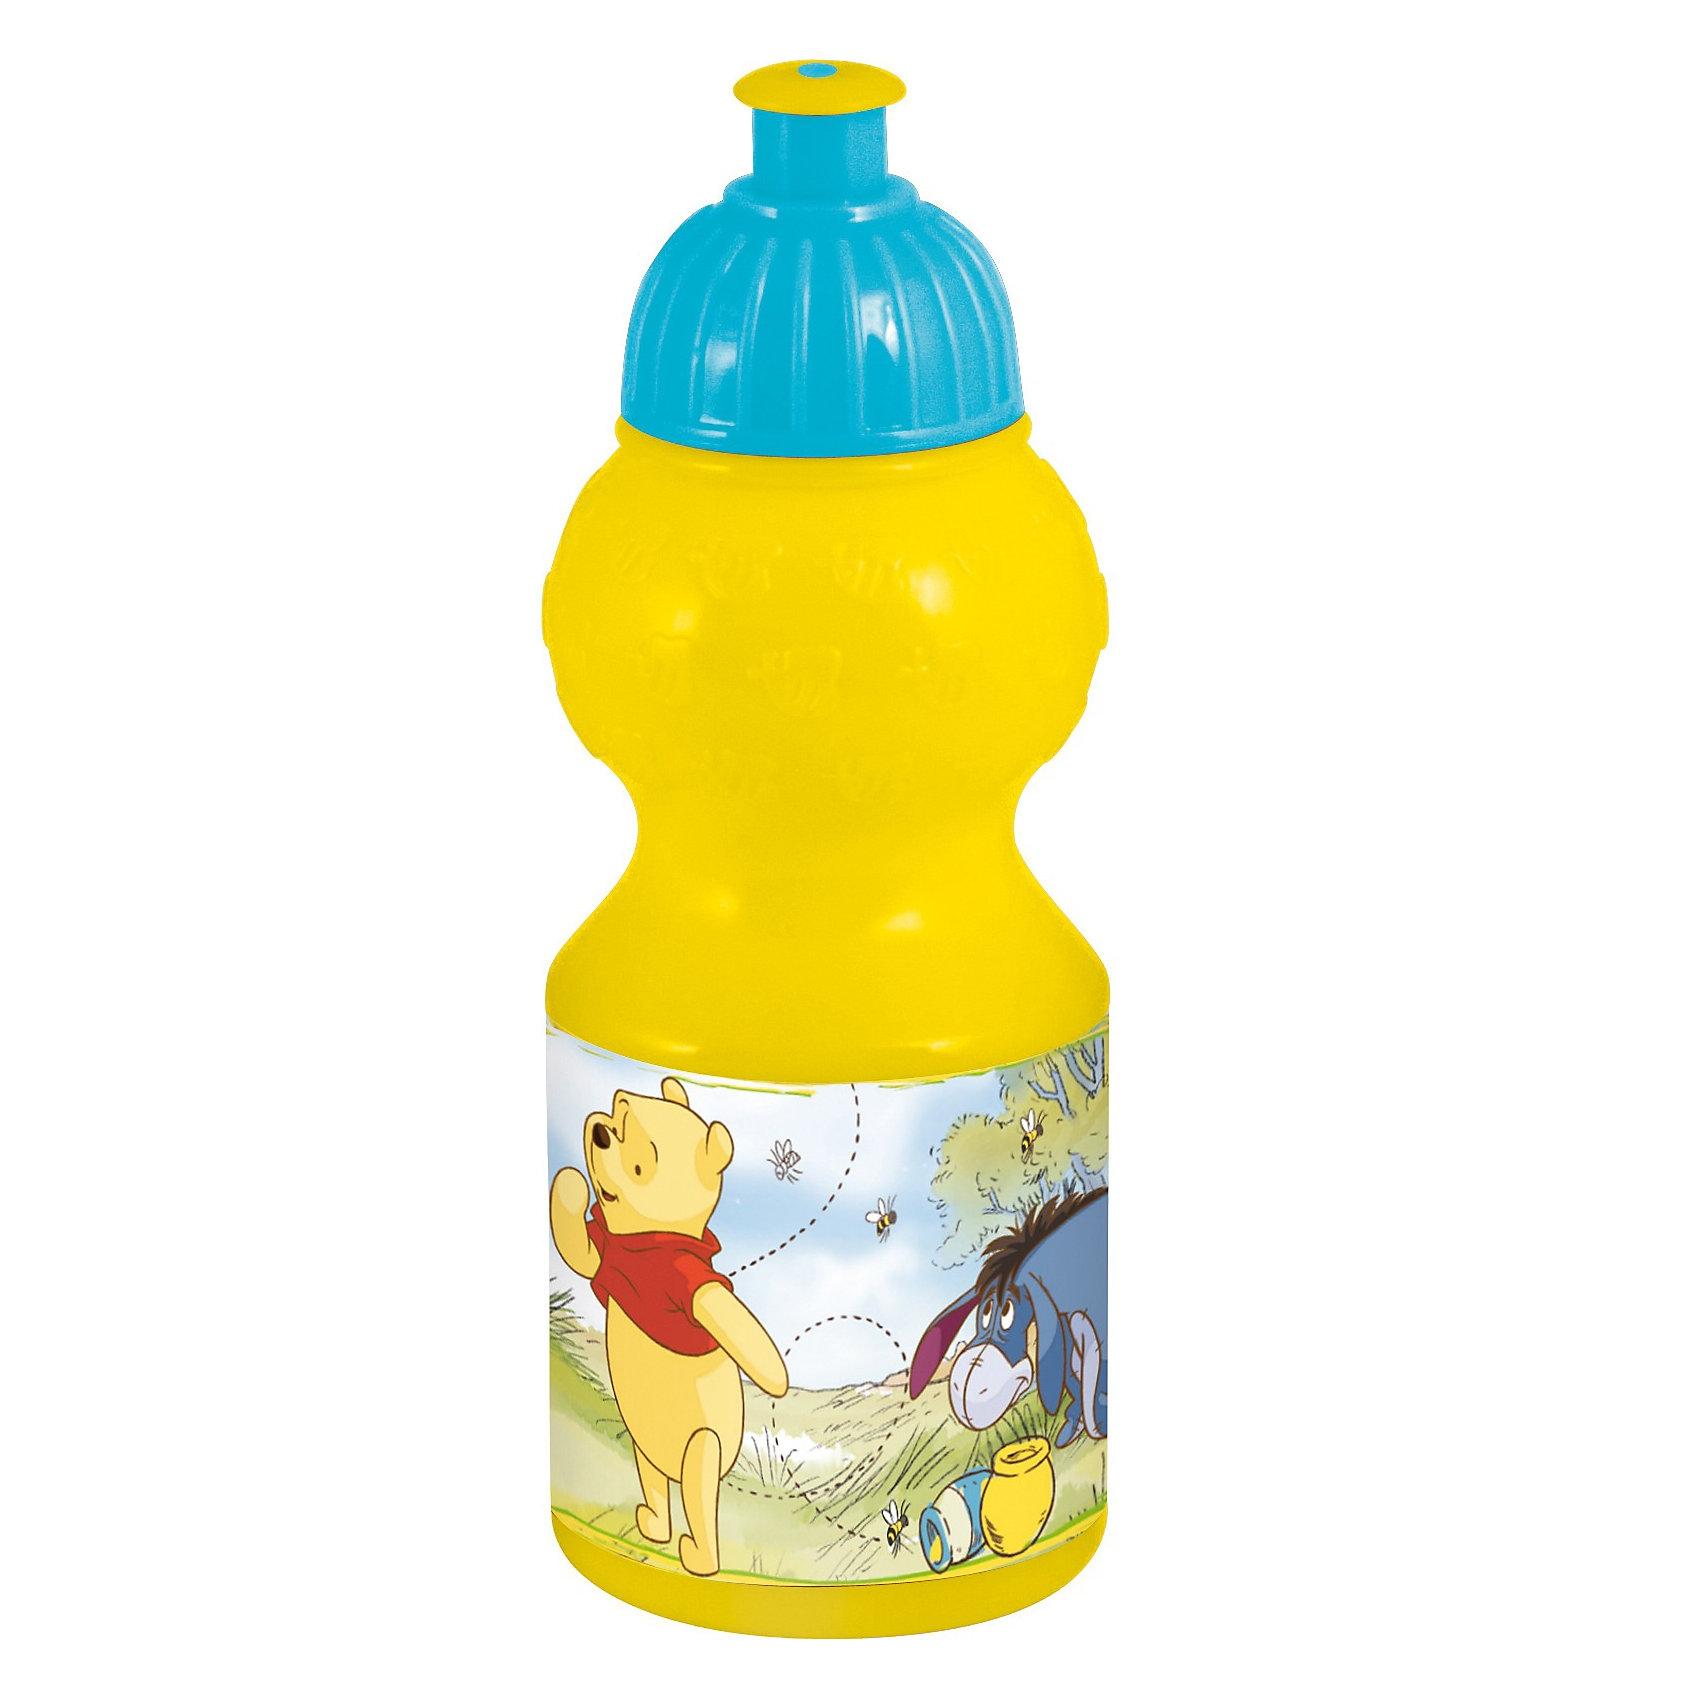 Винни-пух Бутылка спортивная малая (350 мл).Бутылки для воды и бутербродницы<br>Бутылка спортивная «Винни Пух» незаменима вне дома! Конструкция ее крышки надежно закрывает бутылку и не позволит пролиться жидкости. Ребристое основание крышки удобно для детских ручек и облегчает открытие бутылки. <br><br>Бутылка изготовлена из прочной и нетоксичной пластмассы с использованием безопасных красок. <br>Внимание! Бутылка не предназначена для СВЧ и посудомоечной машины. Избегайте наливания очень горячих напитков в бутылку.<br><br>Объем: 350 мл.<br>Размер: 70 х 70 х 195 мм.<br><br>Ширина мм: 70<br>Глубина мм: 70<br>Высота мм: 180<br>Вес г: 52<br>Возраст от месяцев: 3<br>Возраст до месяцев: 96<br>Пол: Унисекс<br>Возраст: Детский<br>SKU: 2977695